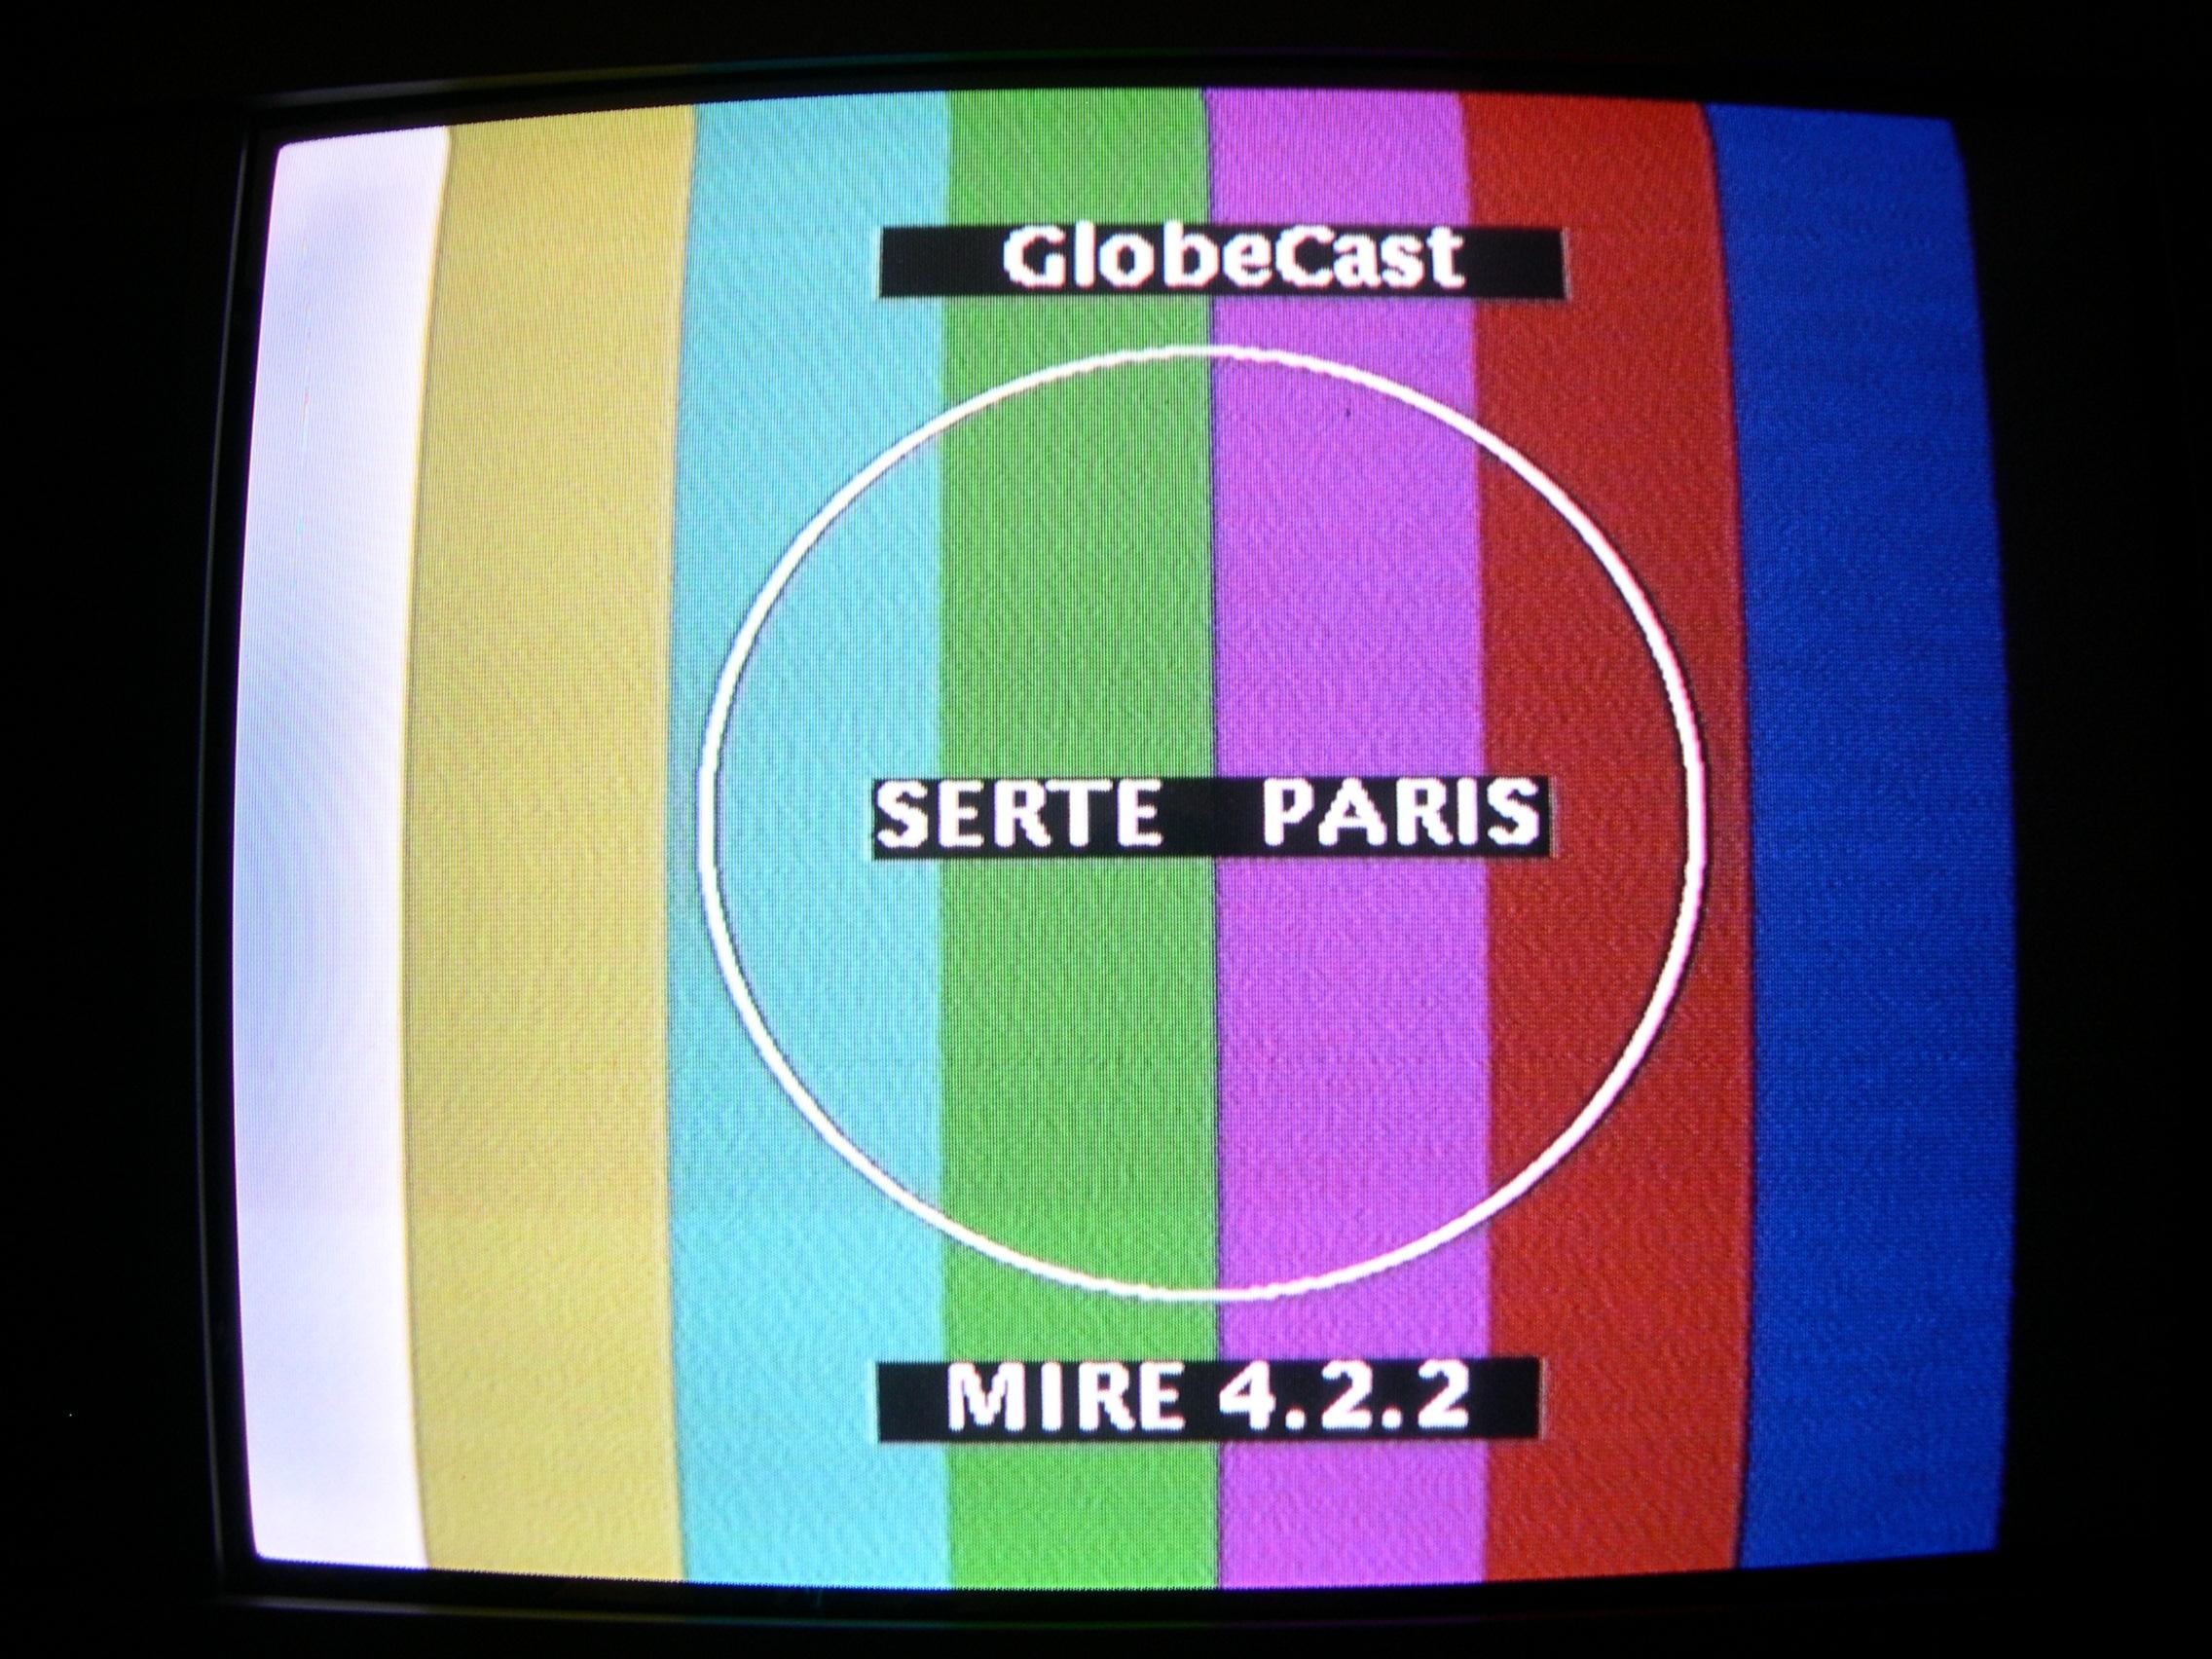 Anni 70 Colori televisione a colori - wikipedia